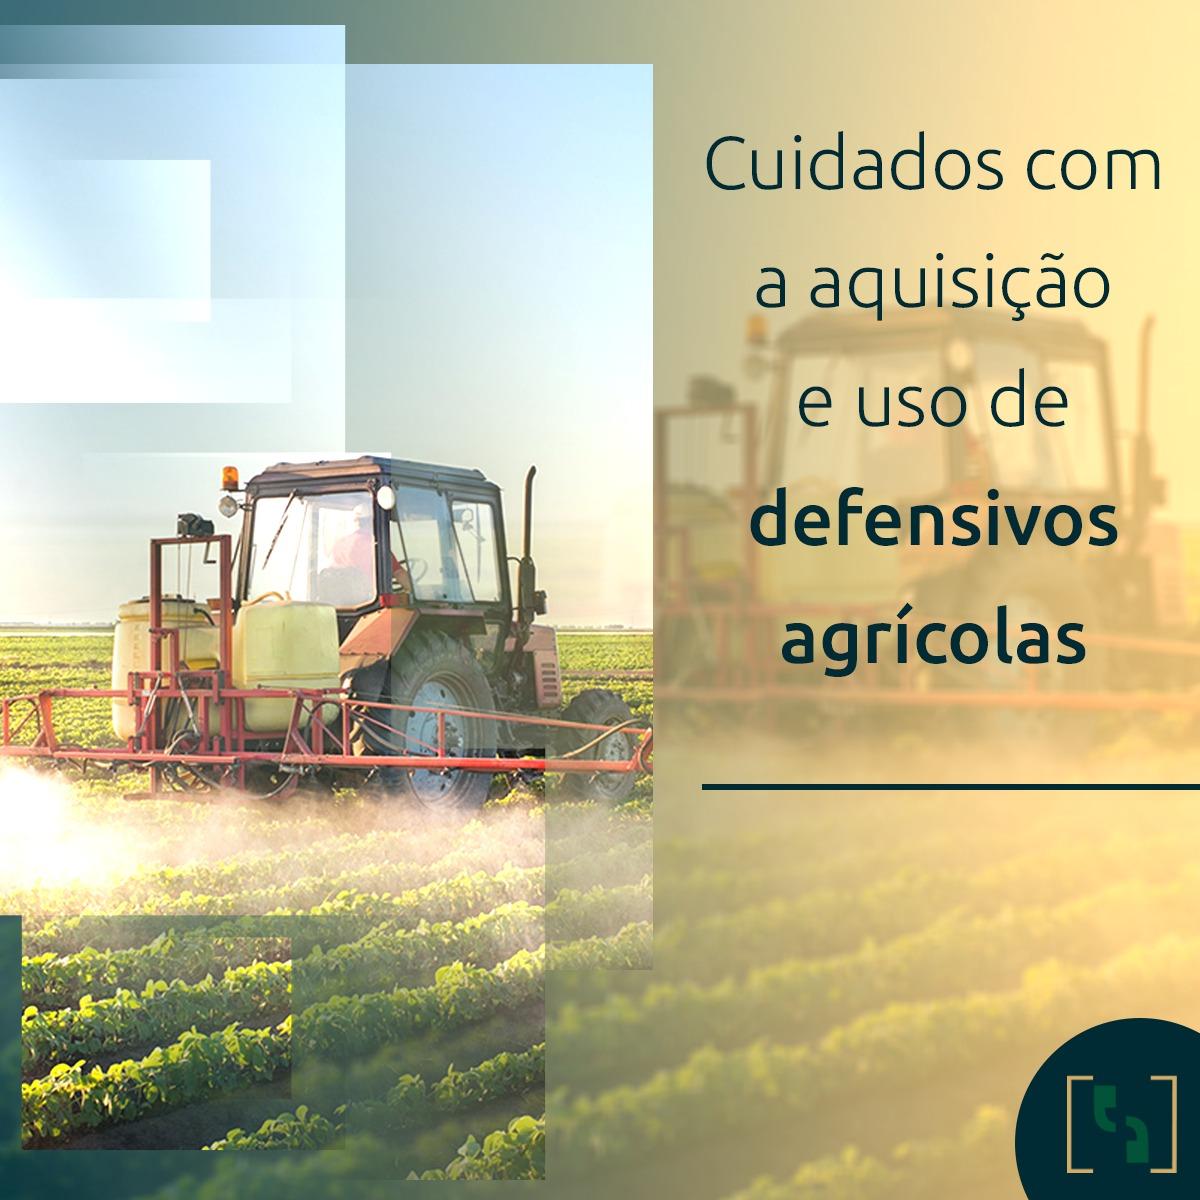 Cuidados com a aquisição e uso de defensivos agrícolas